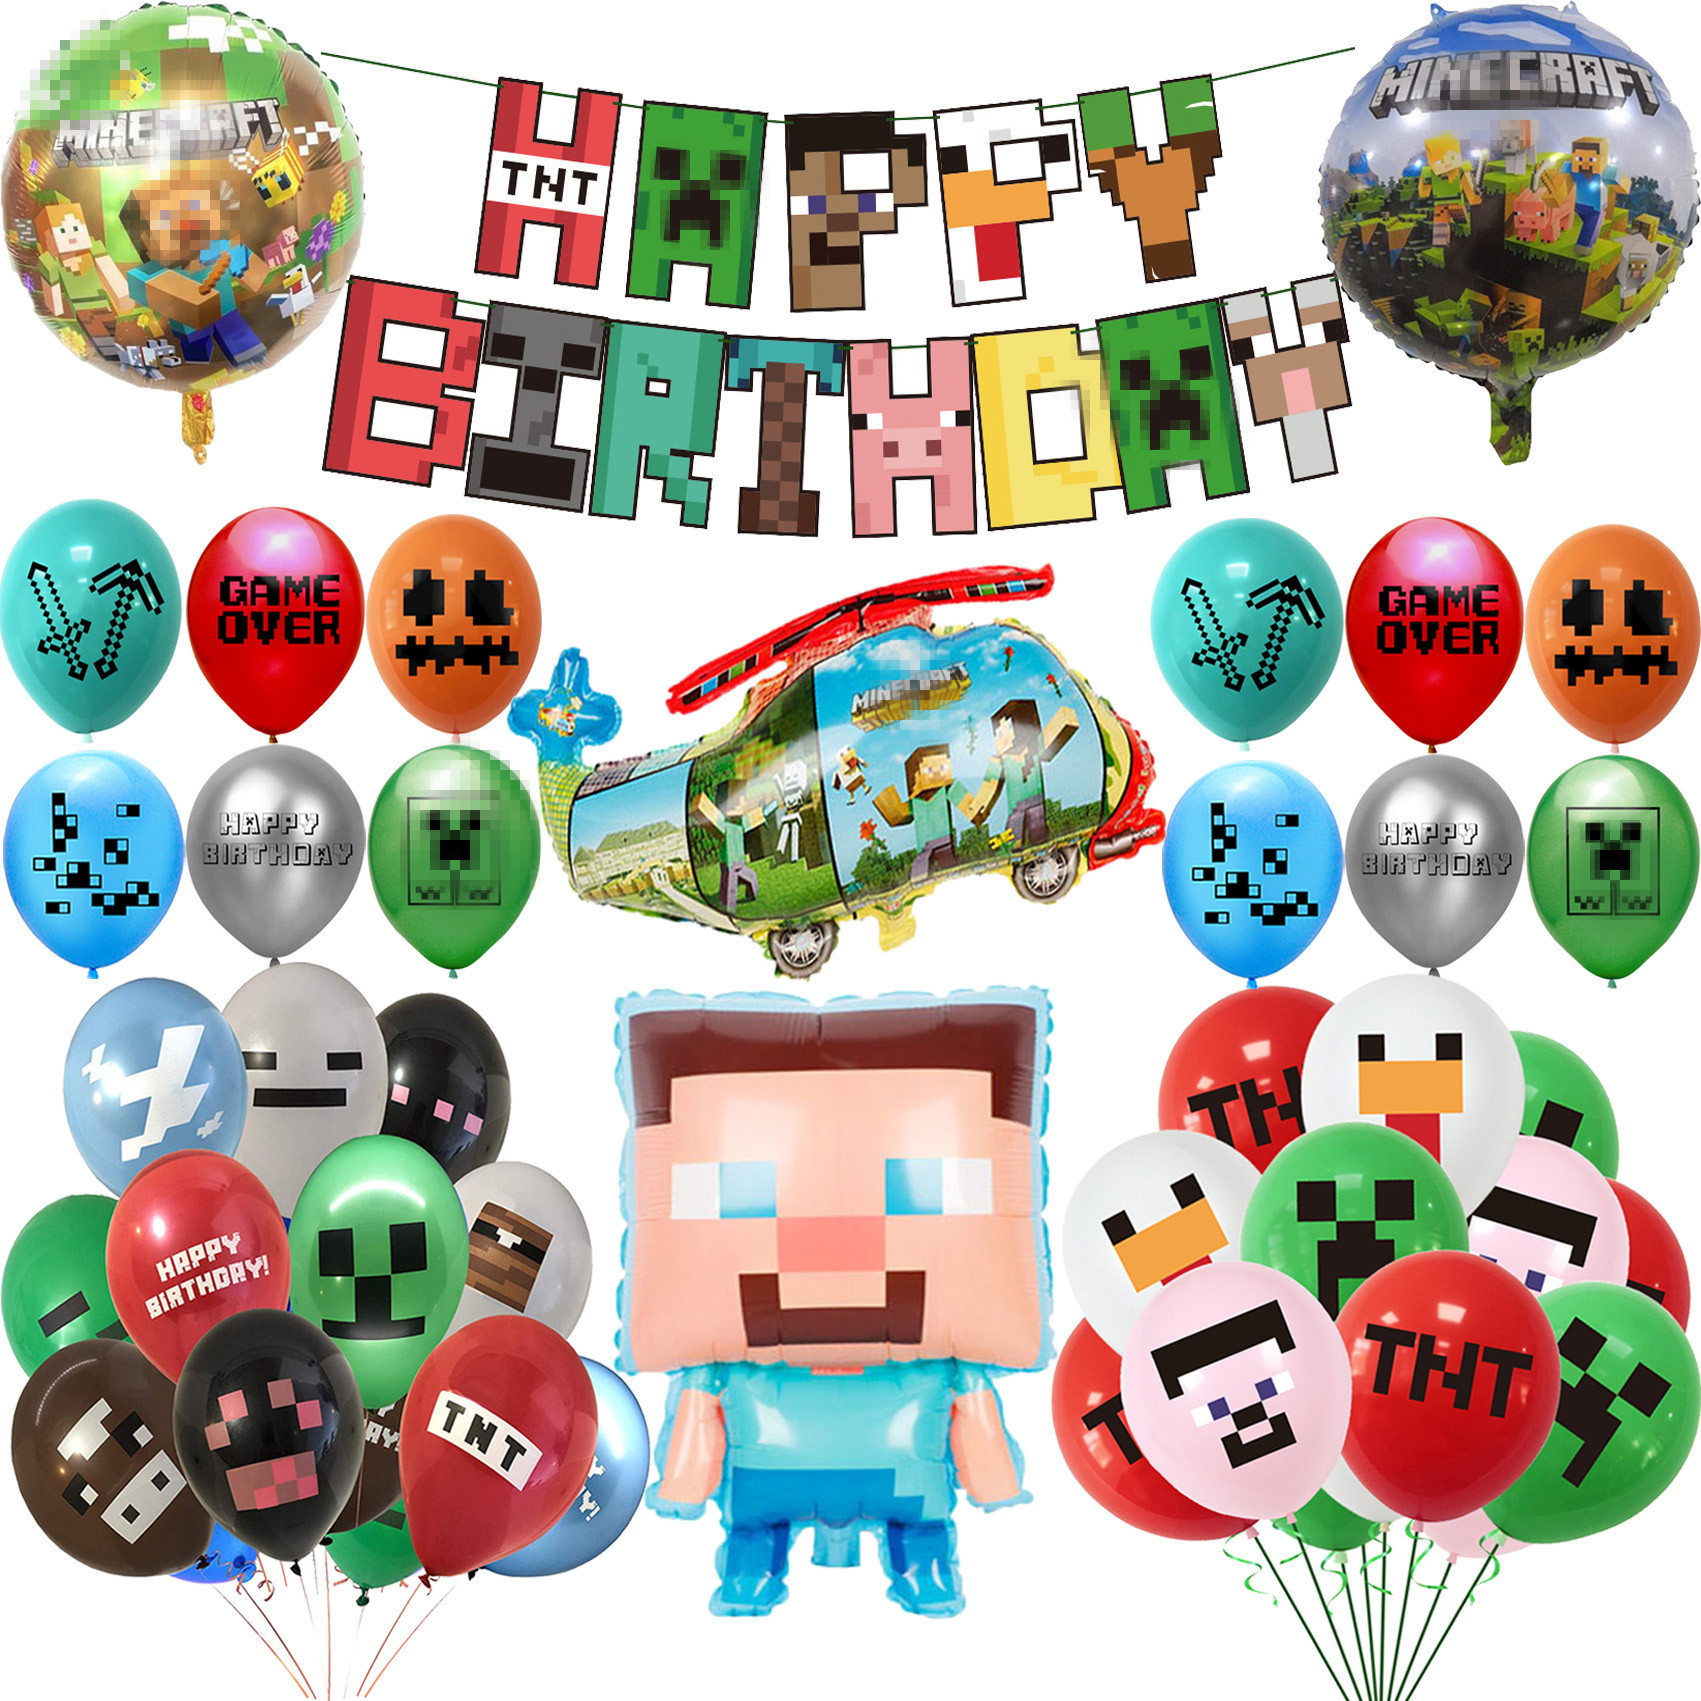 Воздушные шары Pixelated, мультяшная игра в миры, свинья, TNT, фольгированные шары, украшение для дня рождения, баннер для вечеринки в честь рожден...